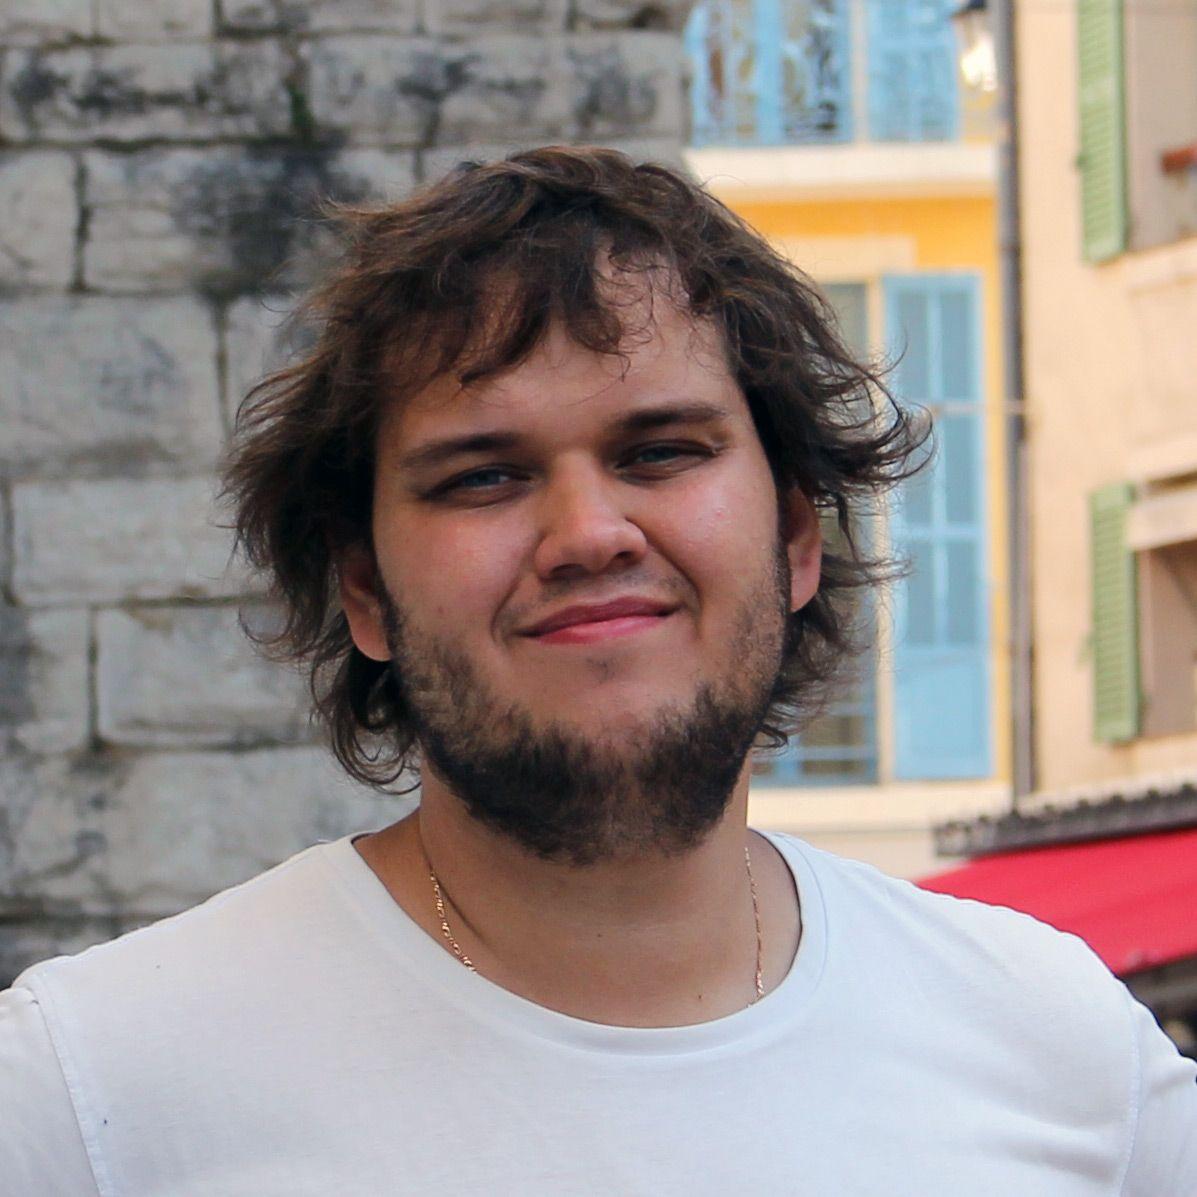 Anton Ilzheev